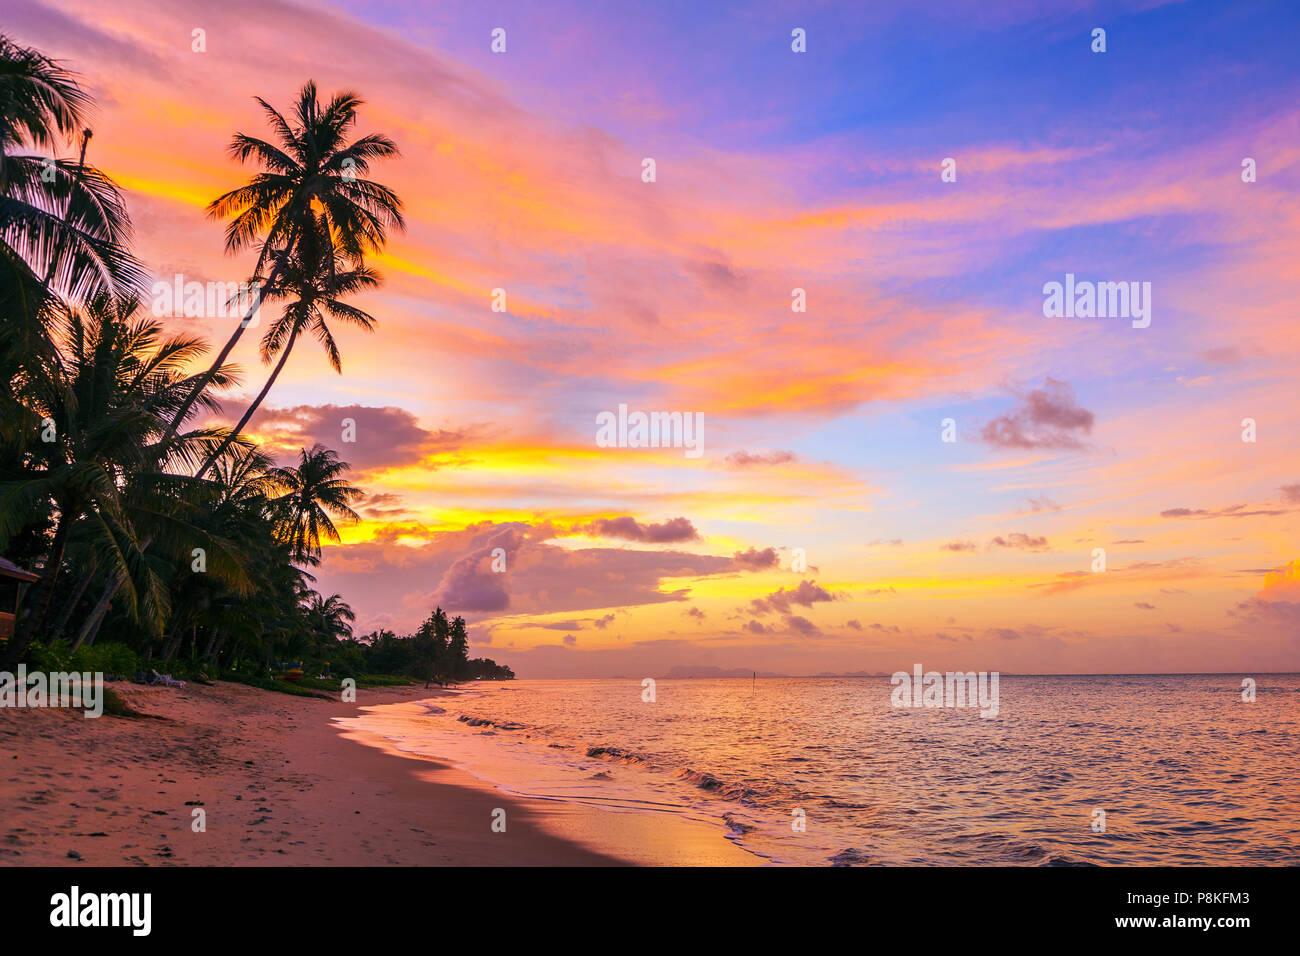 Magnifique coucher de soleil sur Bang Po beach. Koh Samui en Thaïlande. Photo Stock